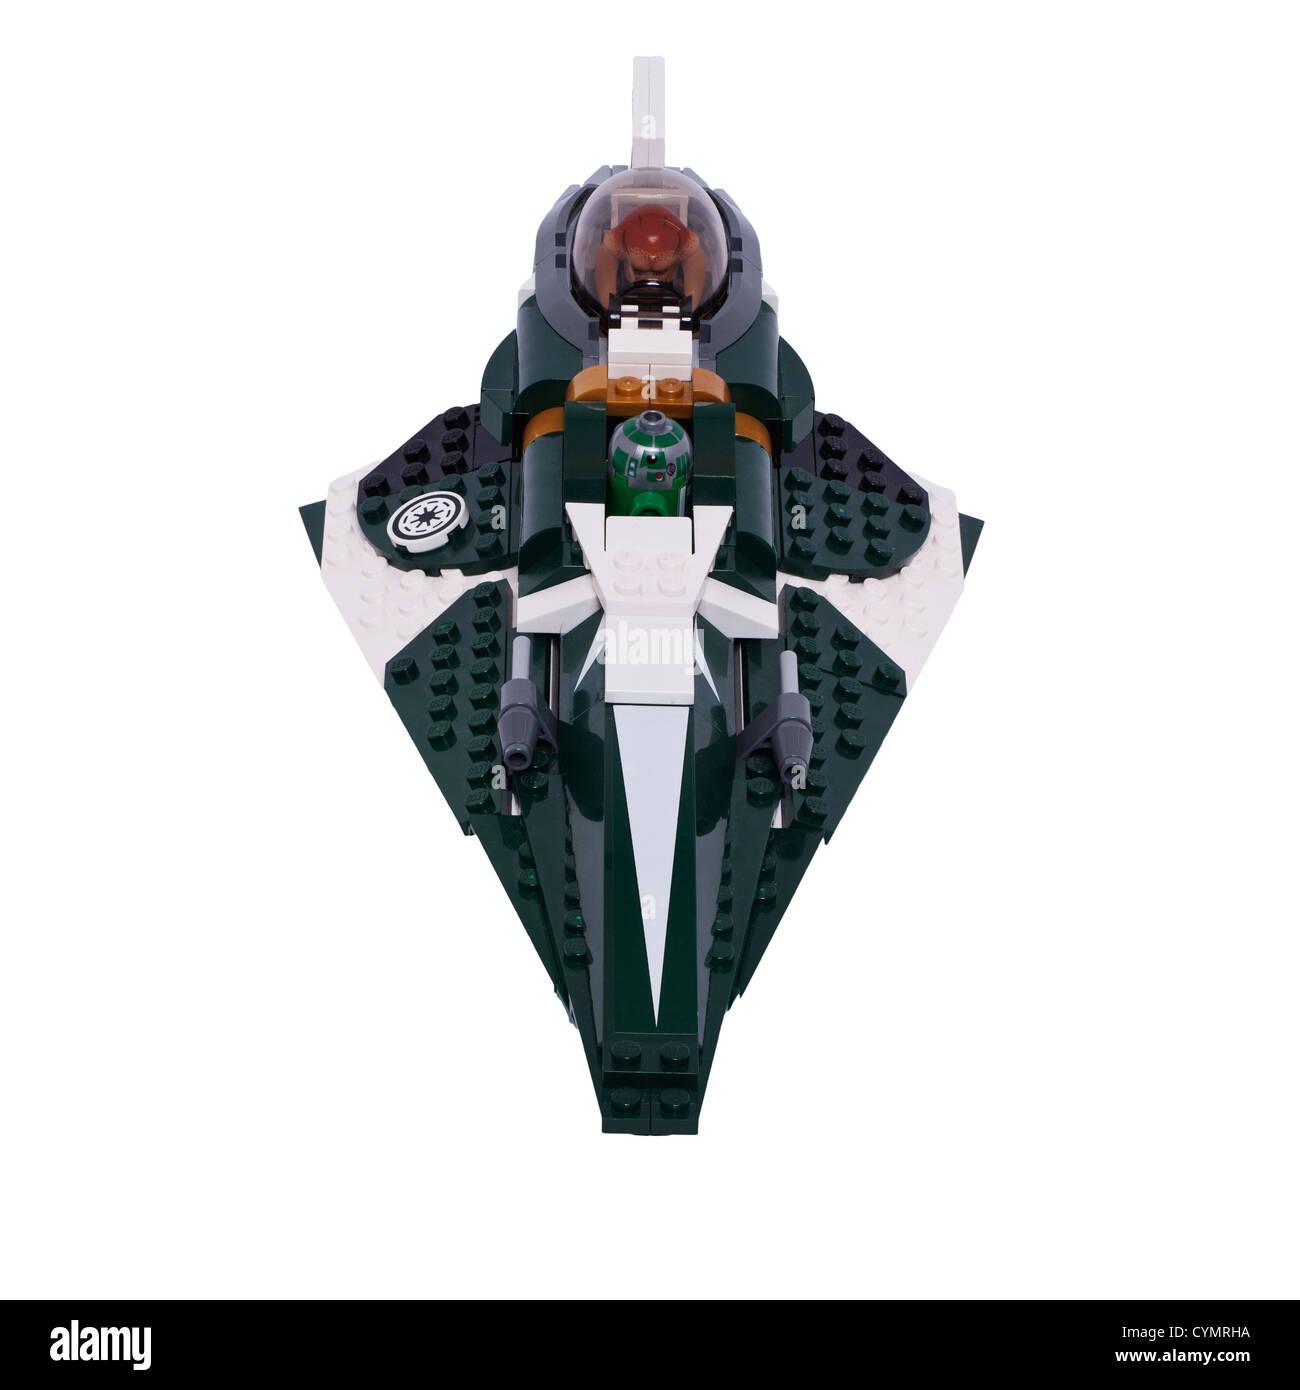 Lego Star Wars Spielzeug auf weißem Hintergrund Stockbild